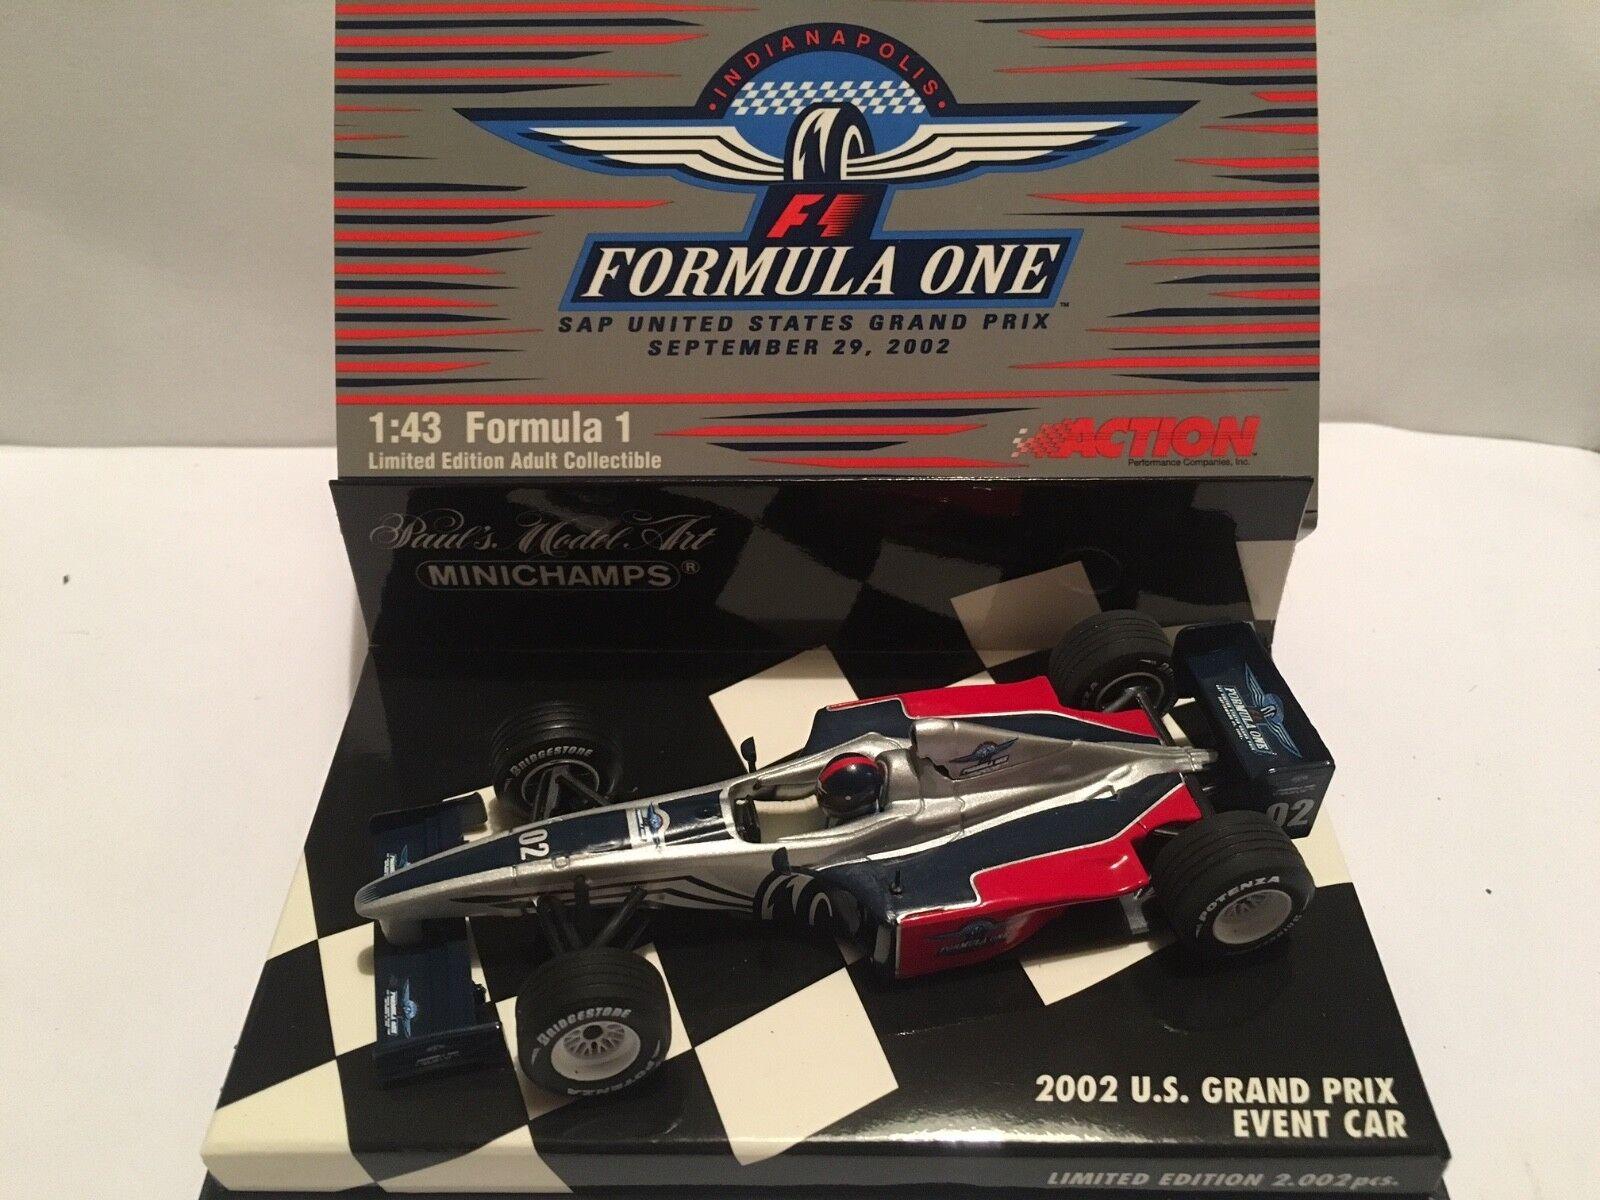 1 43 Minichamps AC4 020301 - 2002 U.S. Grand Prix Event Car